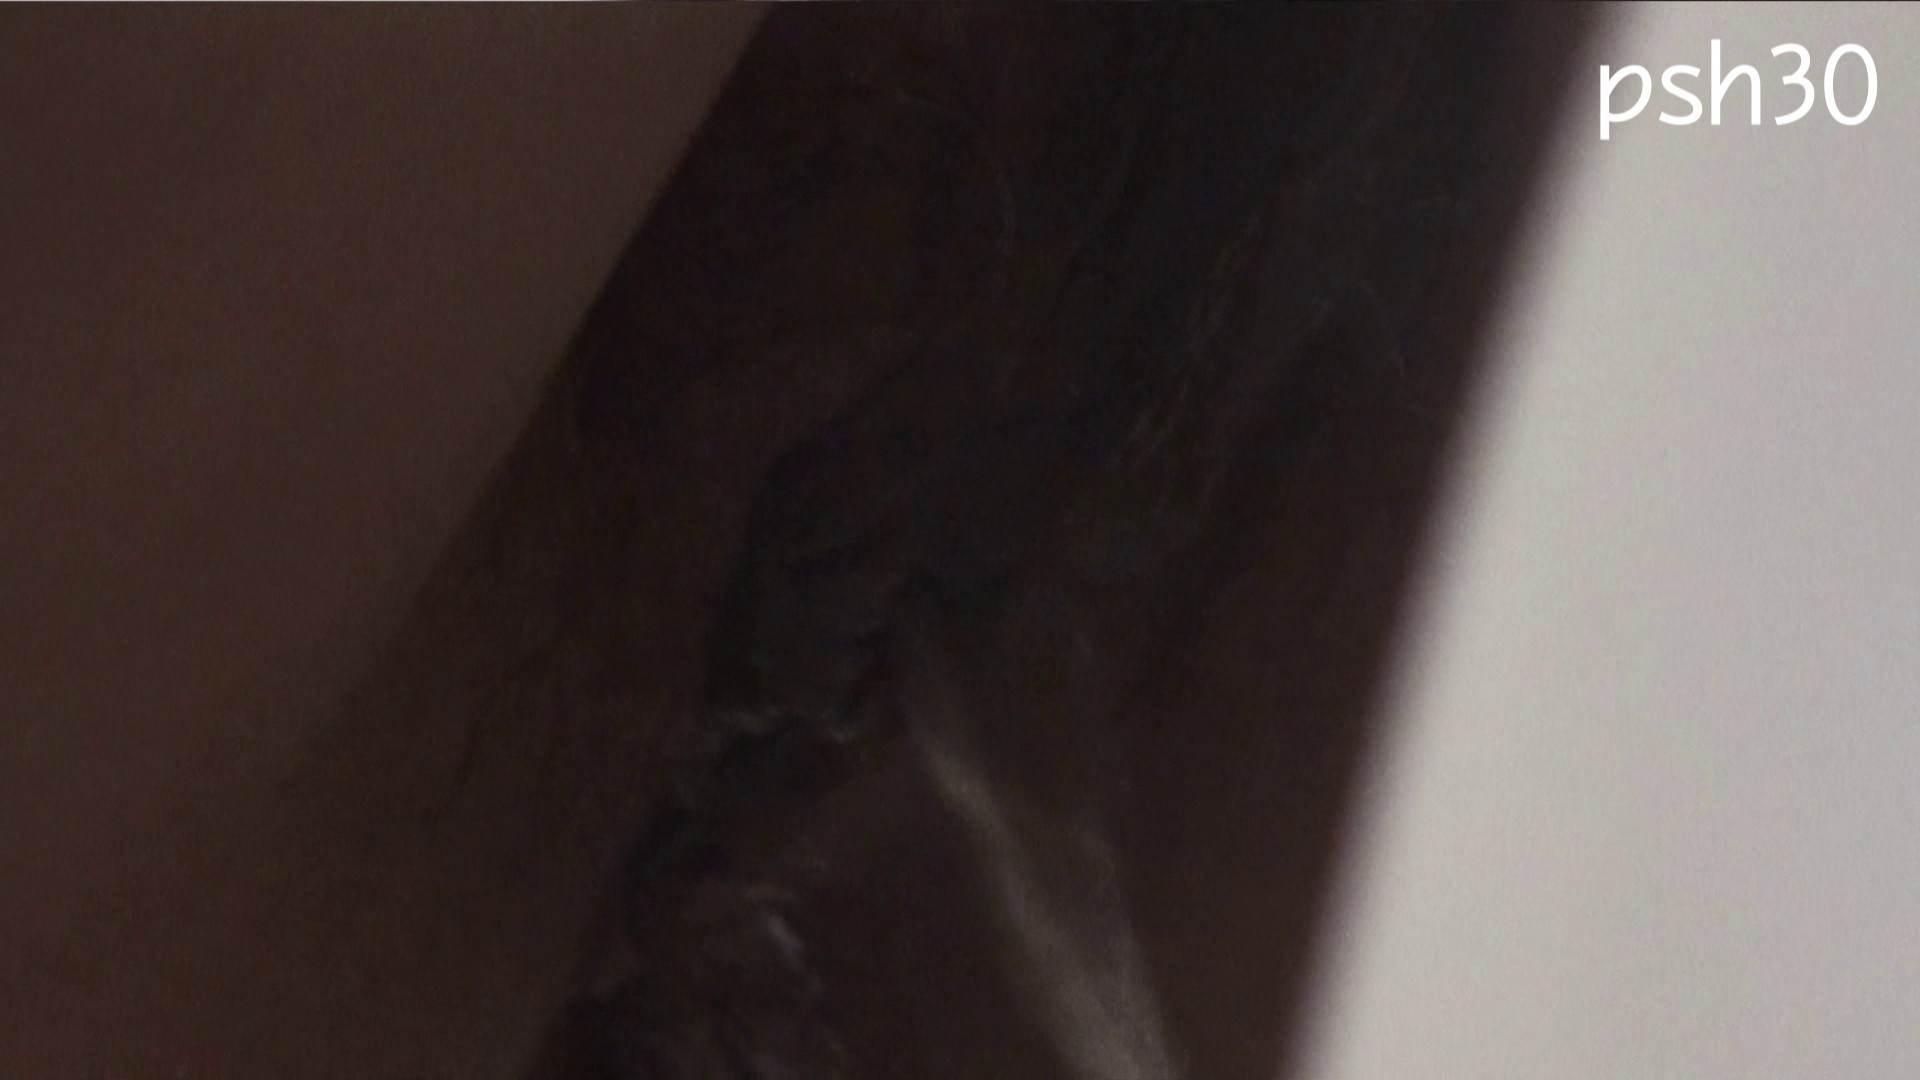 ▲復活限定▲ハイビジョン 盗神伝 Vol.30 お姉さん攻略 すけべAV動画紹介 99画像 19